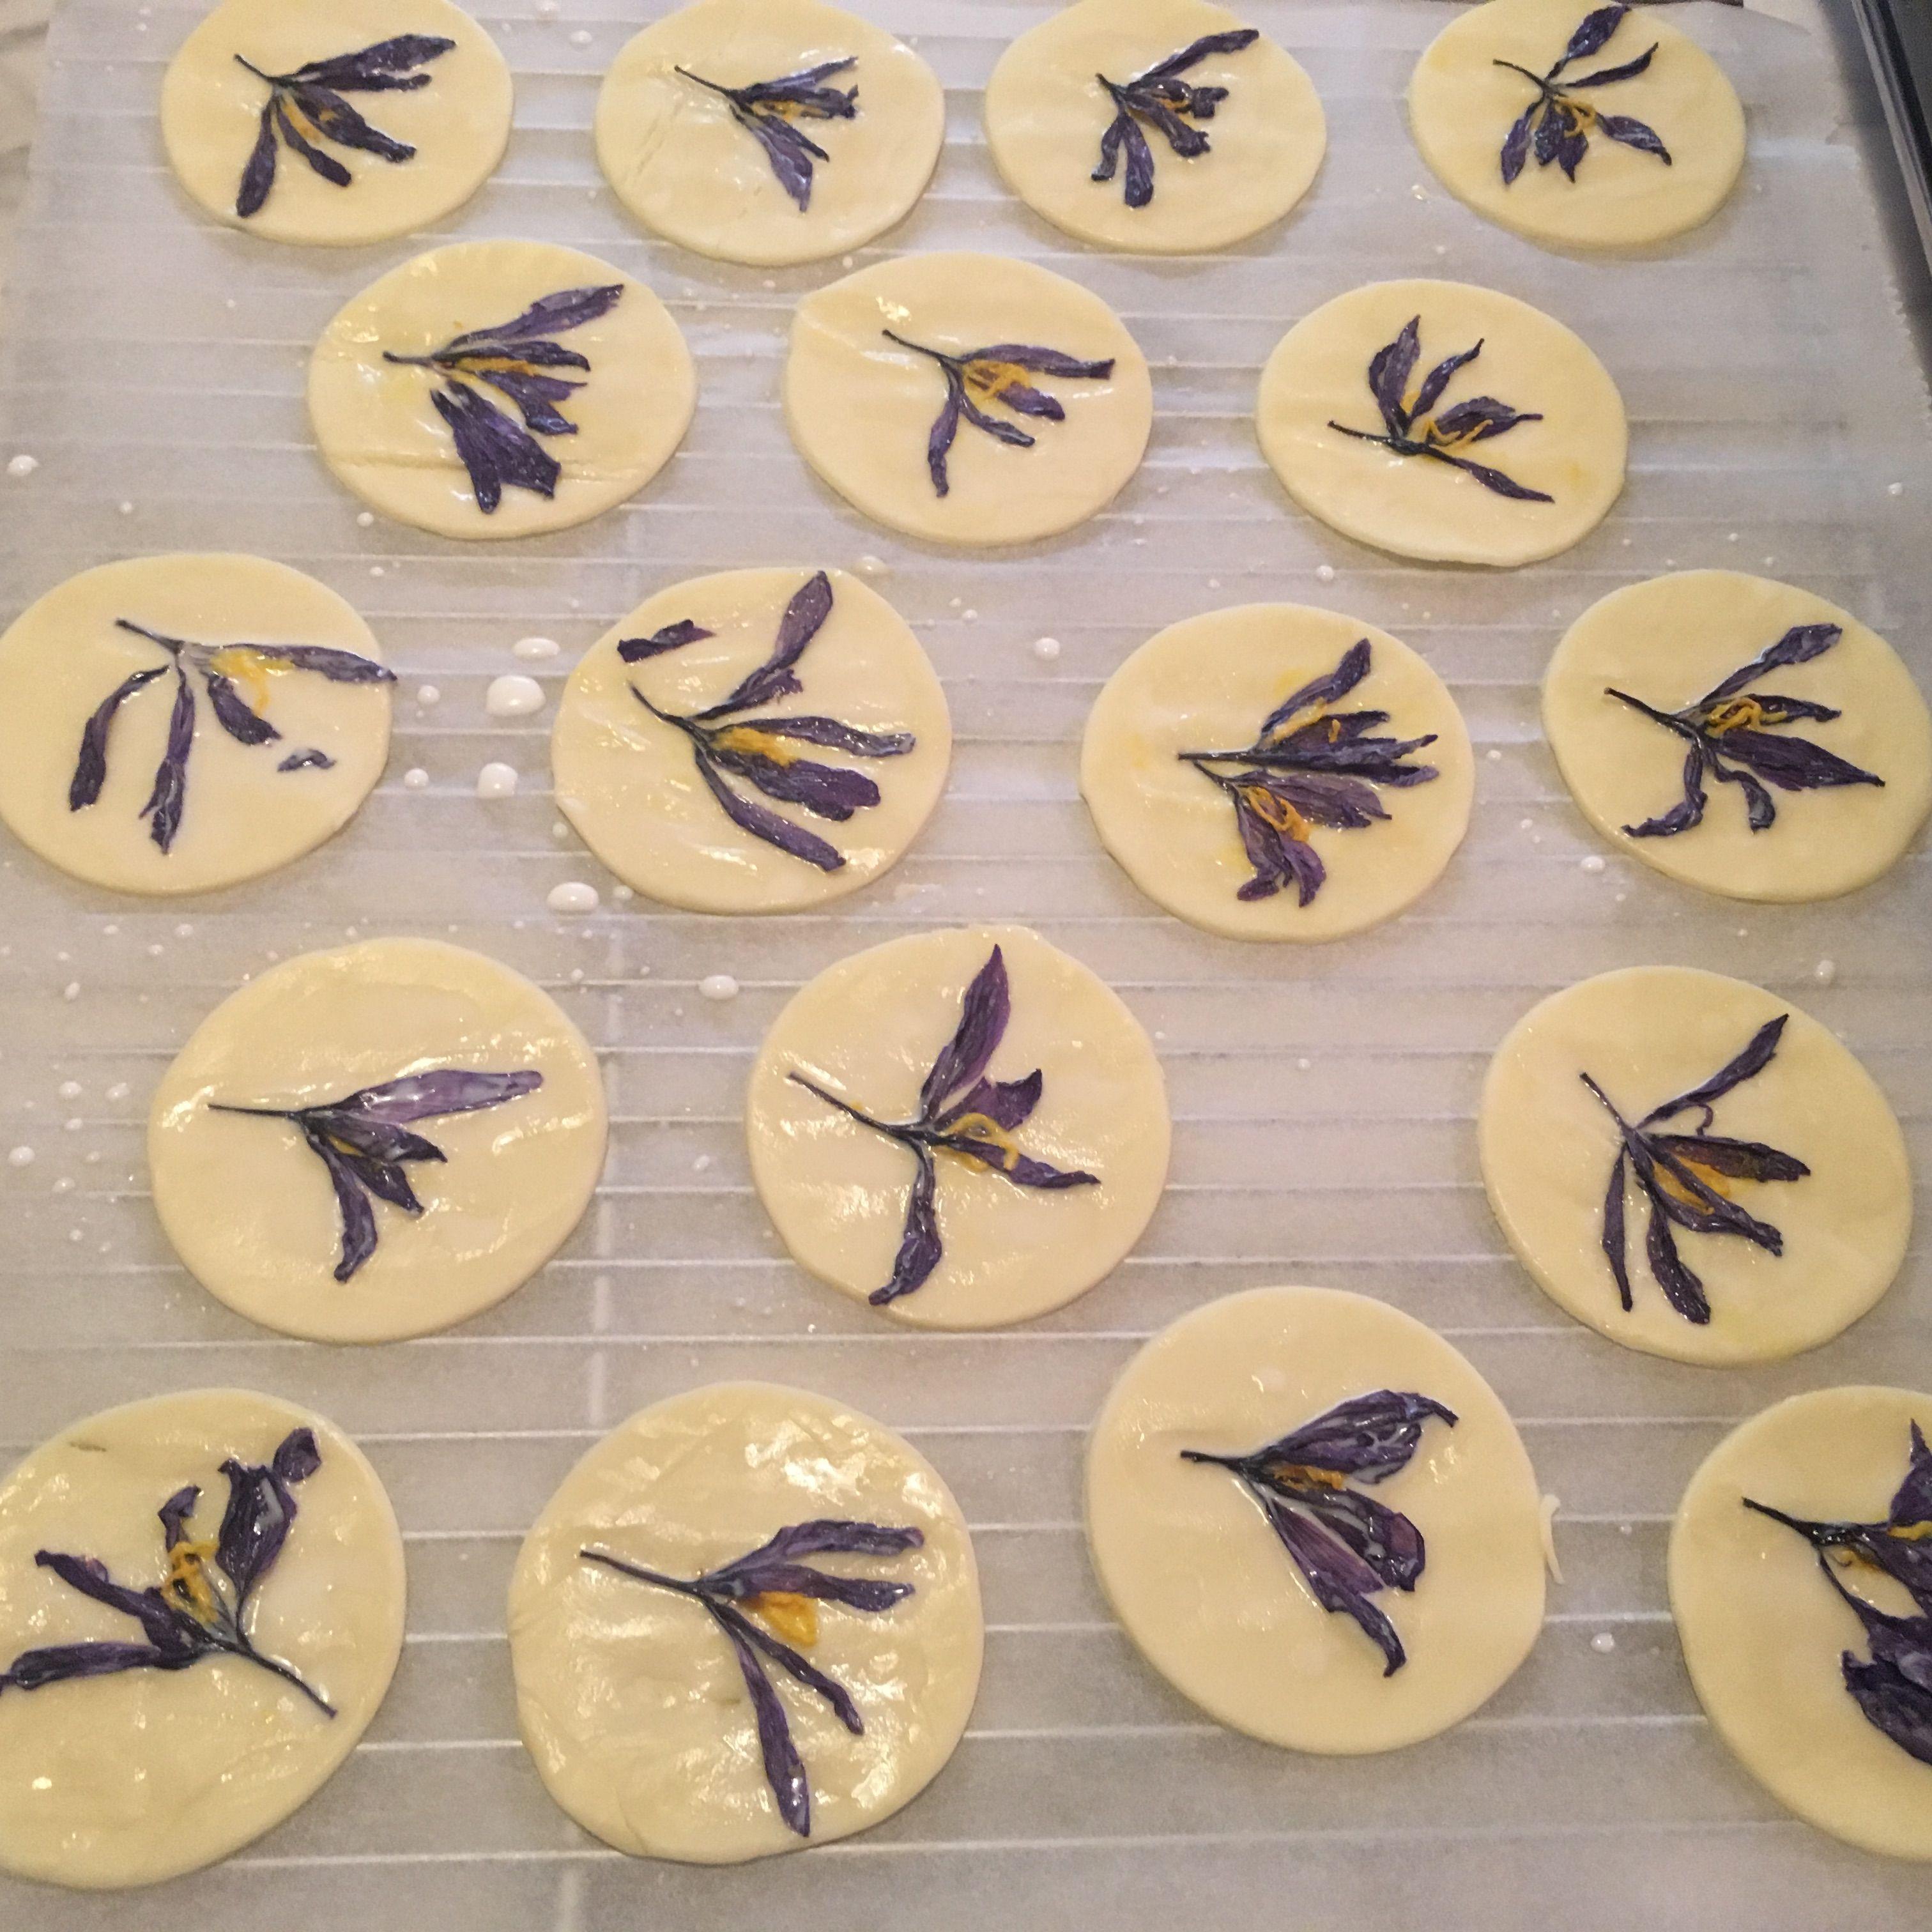 preparazione biscotti con fiori essiccati